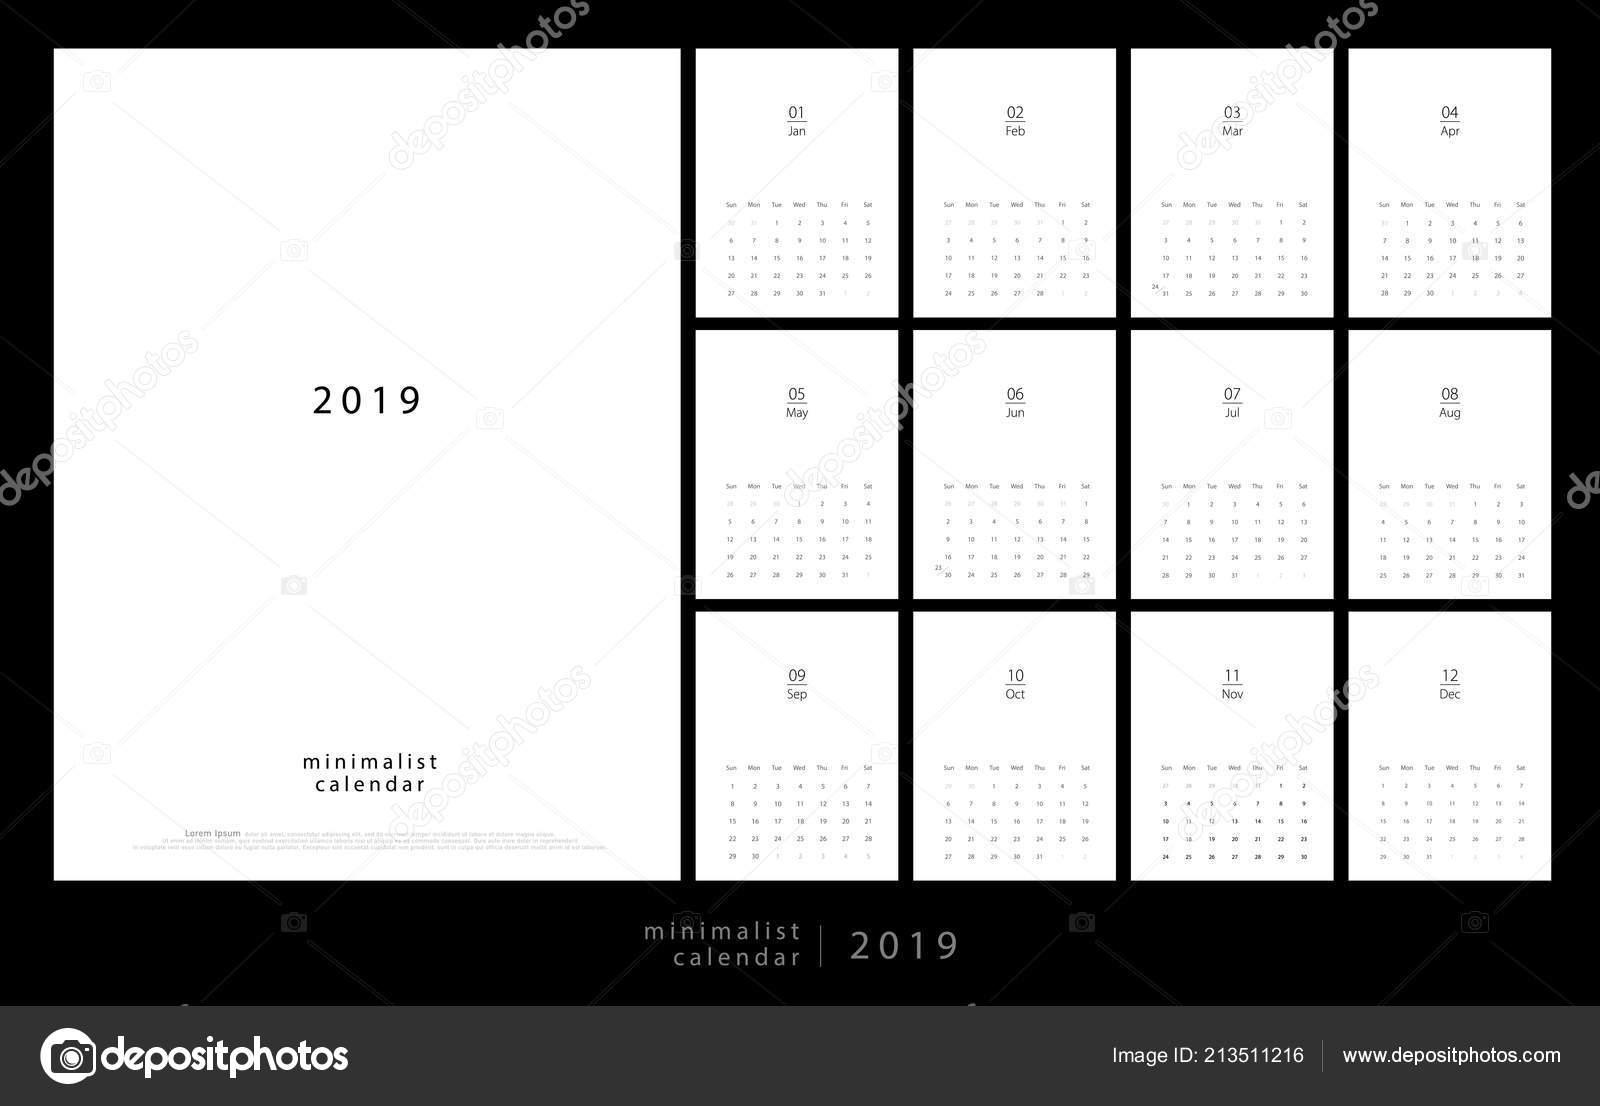 cebcf811dbb9a Calendario 2019 Moderno Estilo Minimalista Conjunto Escritorio Calendario  Páginas Calendario — Archivo Imágenes Vectoriales